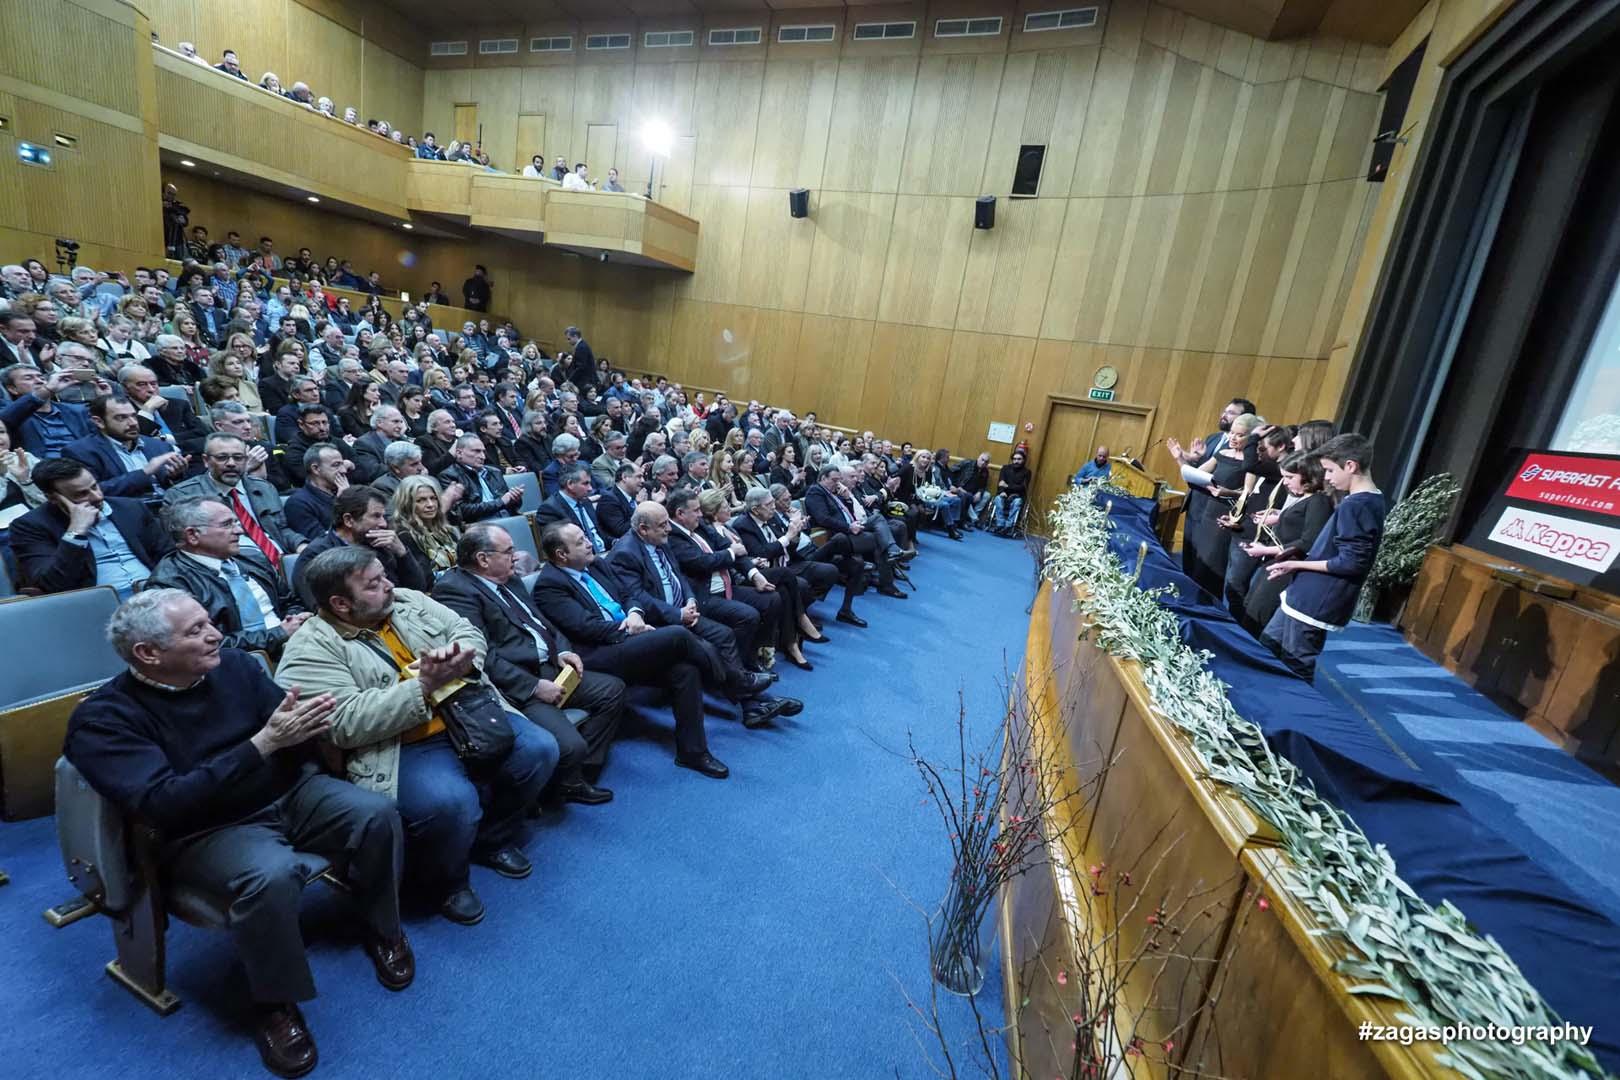 Η Ελληνική Ιστιοπλοϊκή Ομοσπονδία βράβευσε τον Ναυταθλητικό Όμιλο Γαζίου Κρήτης